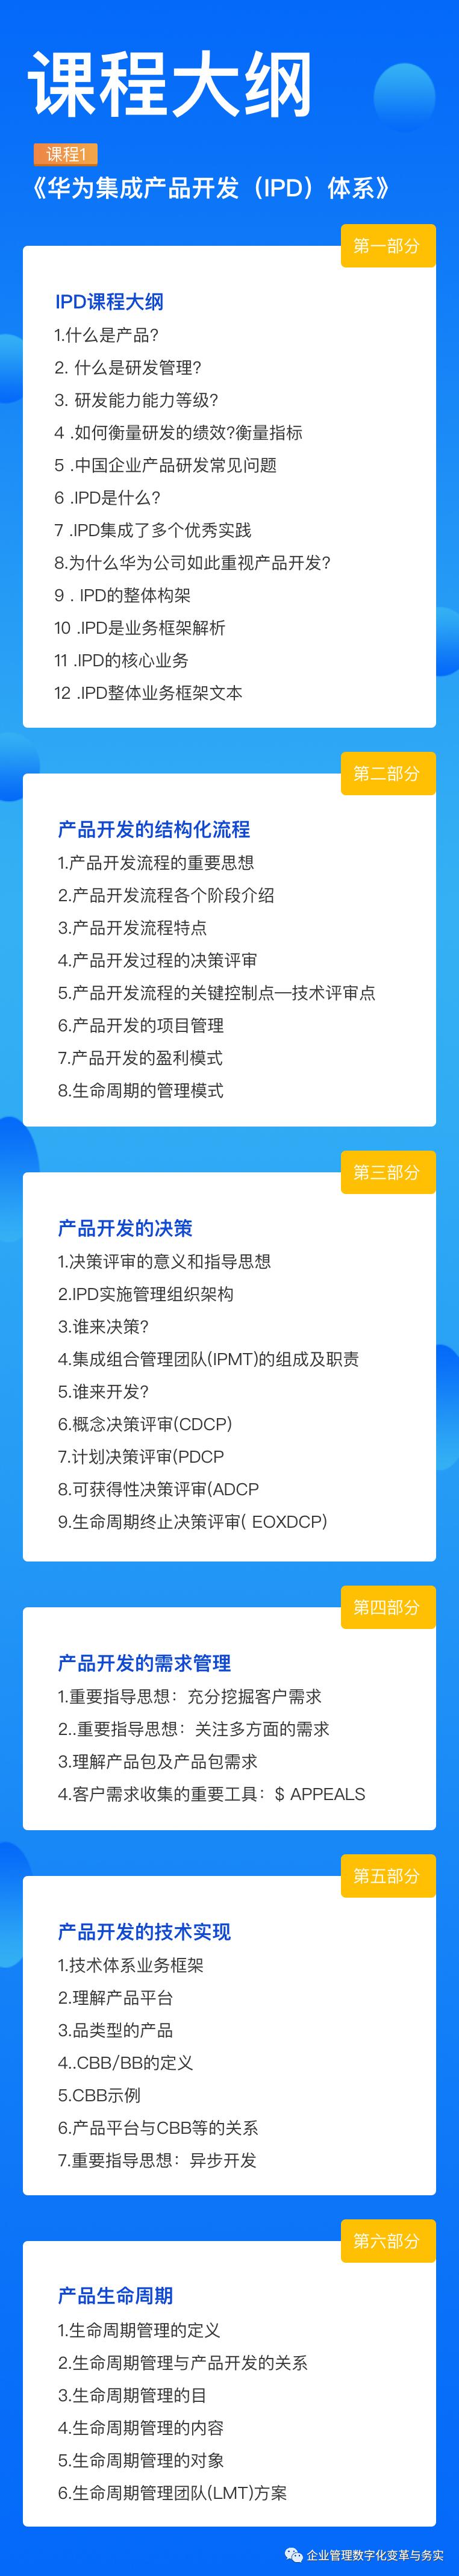 学习华为IPD/LTC/ITR三大业务流体系插图(12)